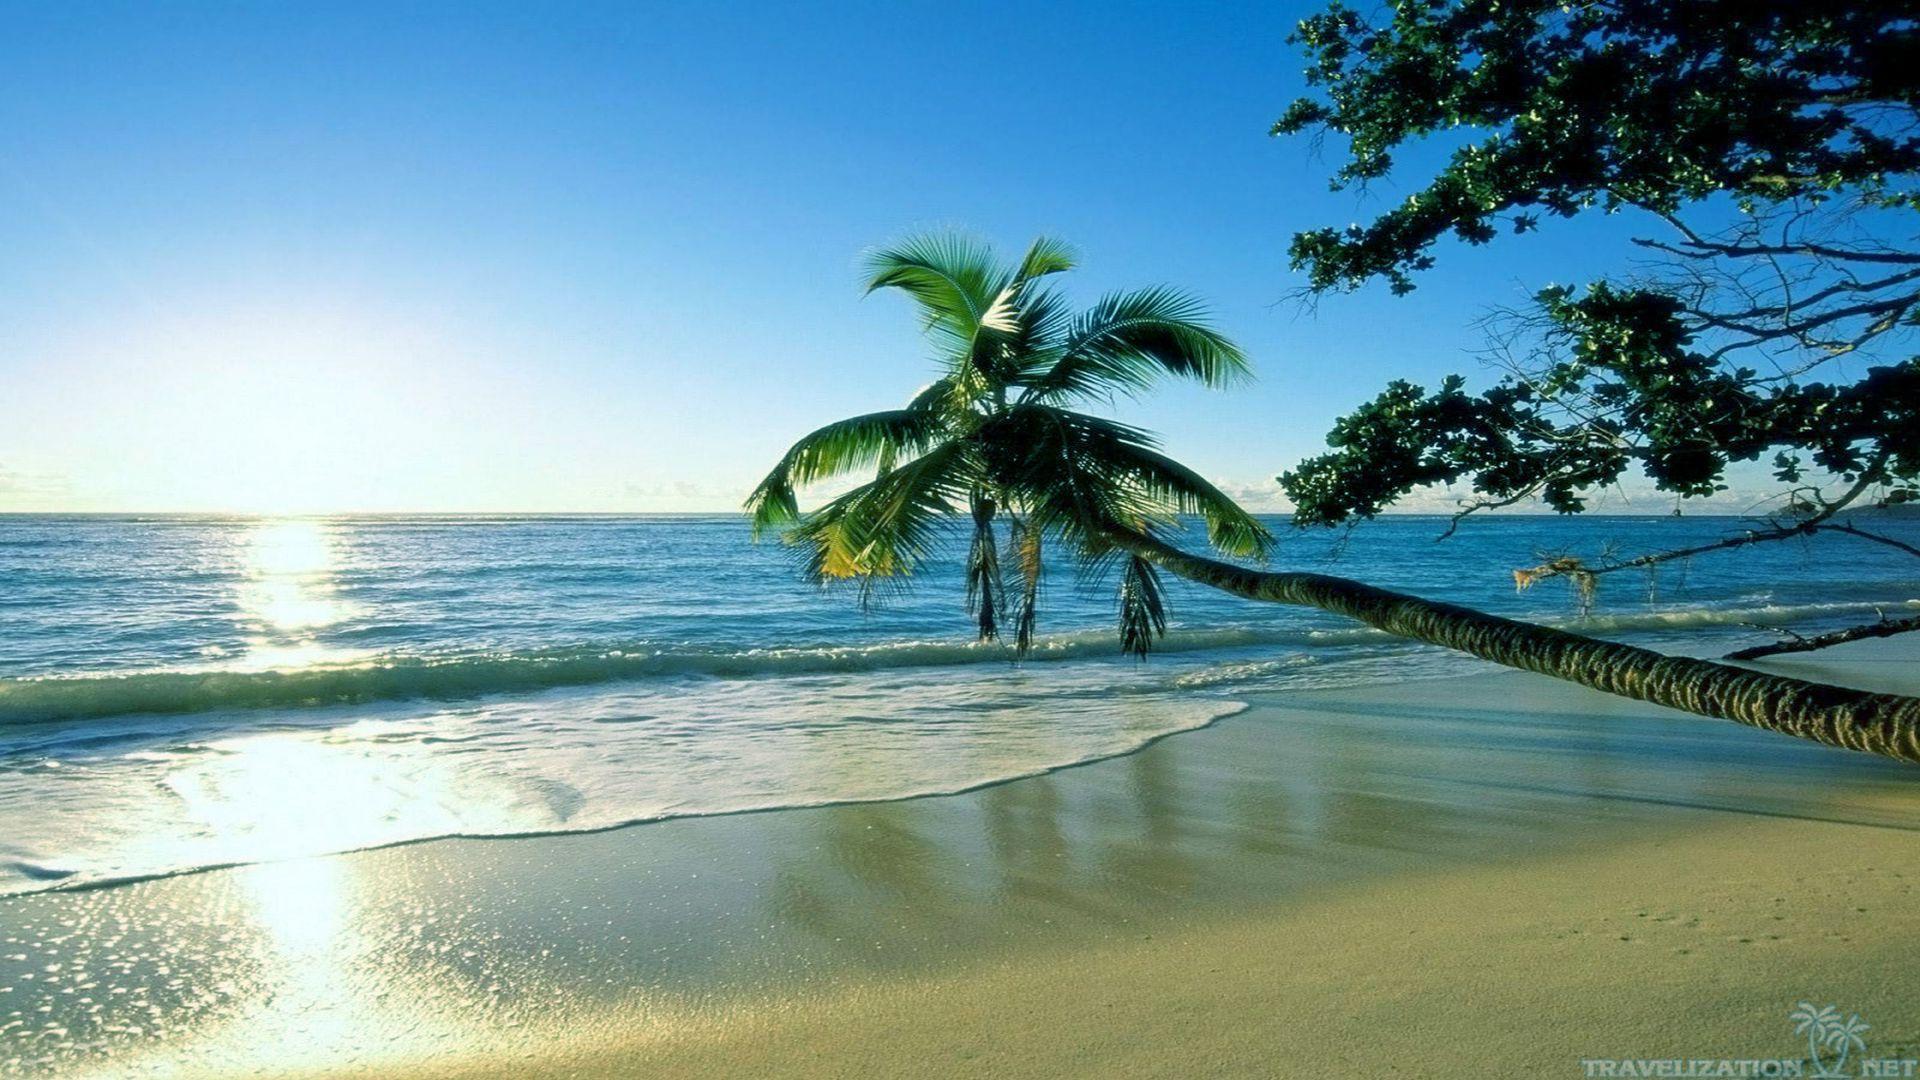 Summer Beach Wallpapers Top Free Summer Beach Backgrounds